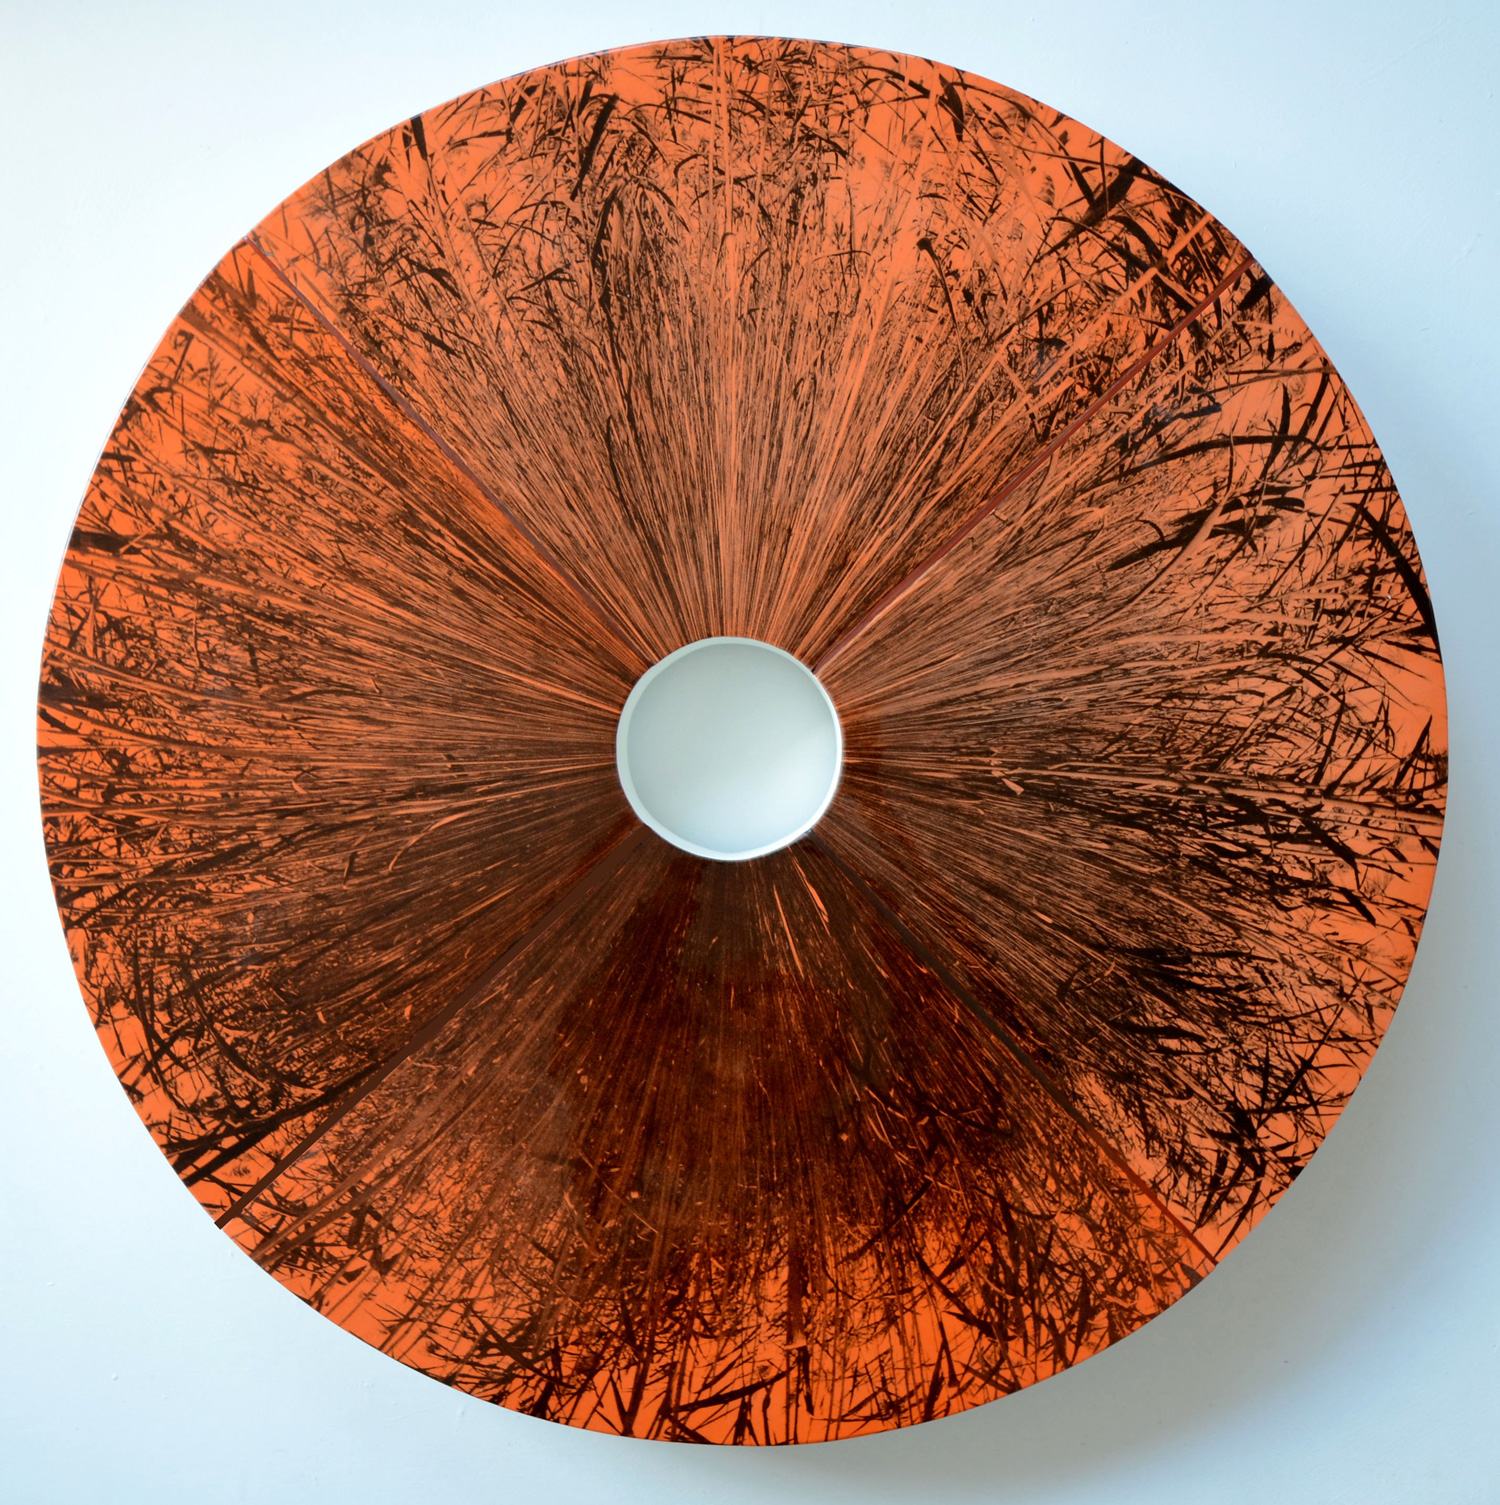 Phragmites